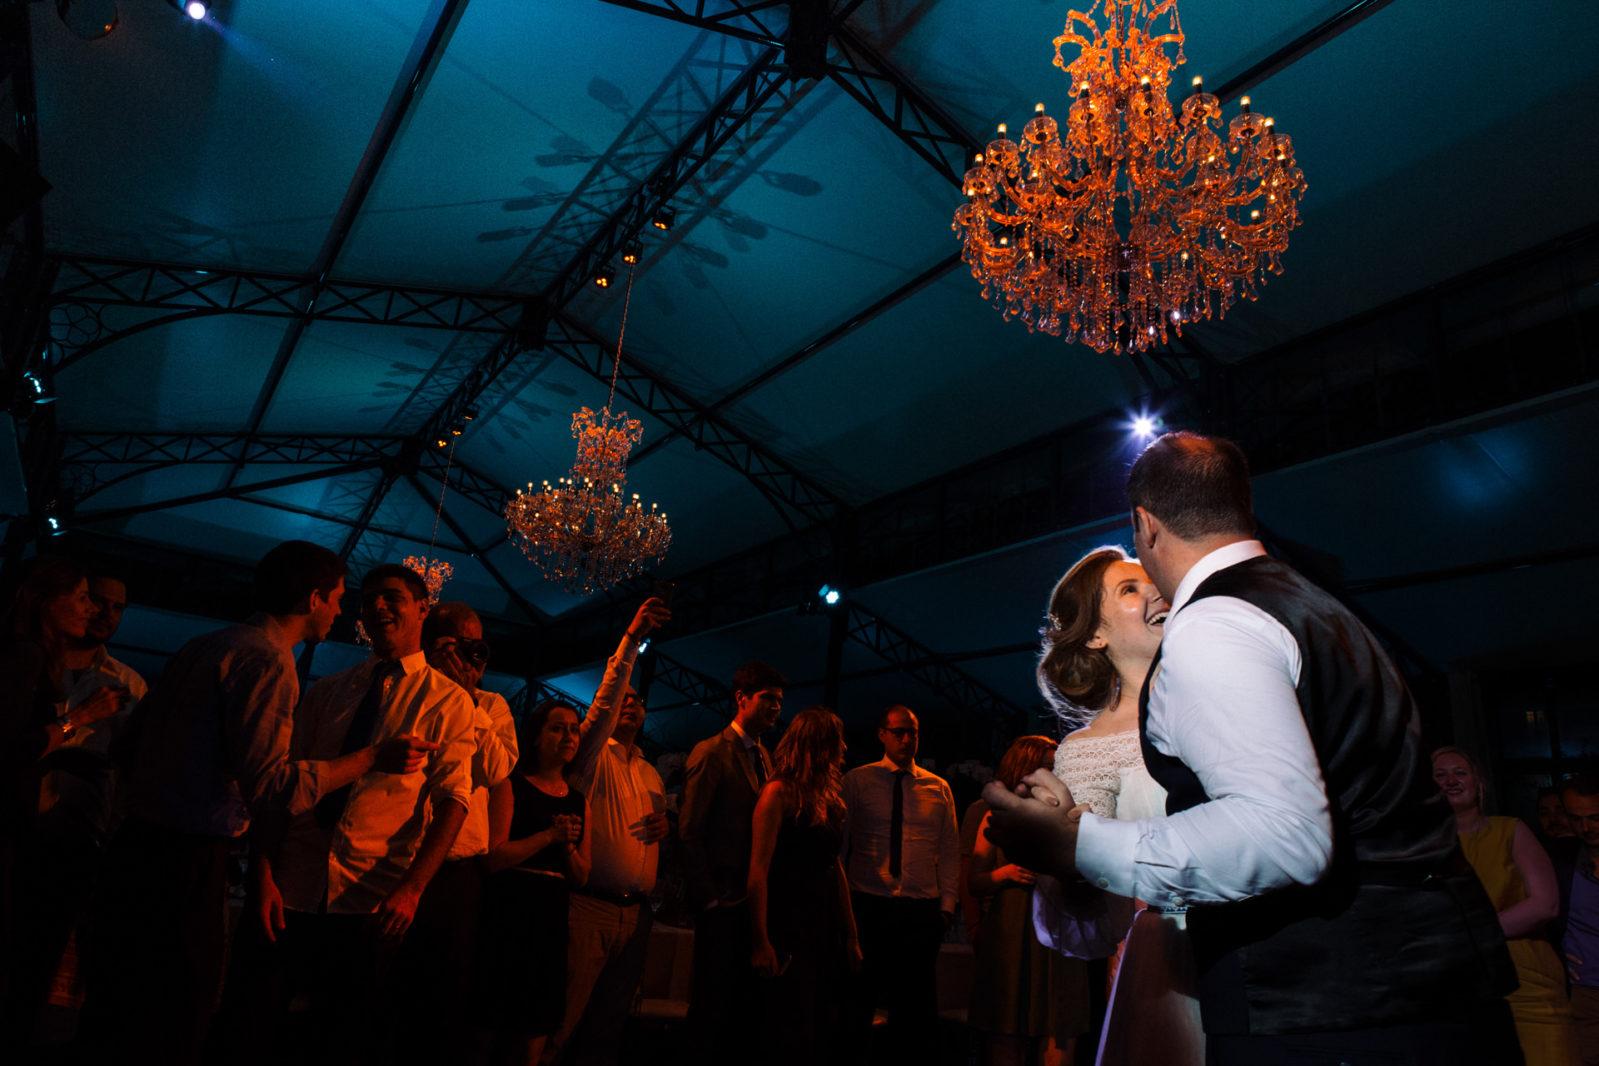 première danse des mariés au Domaine de montchevreuil par Ernestine et sa famille photographe de mariage à l'approche reportage